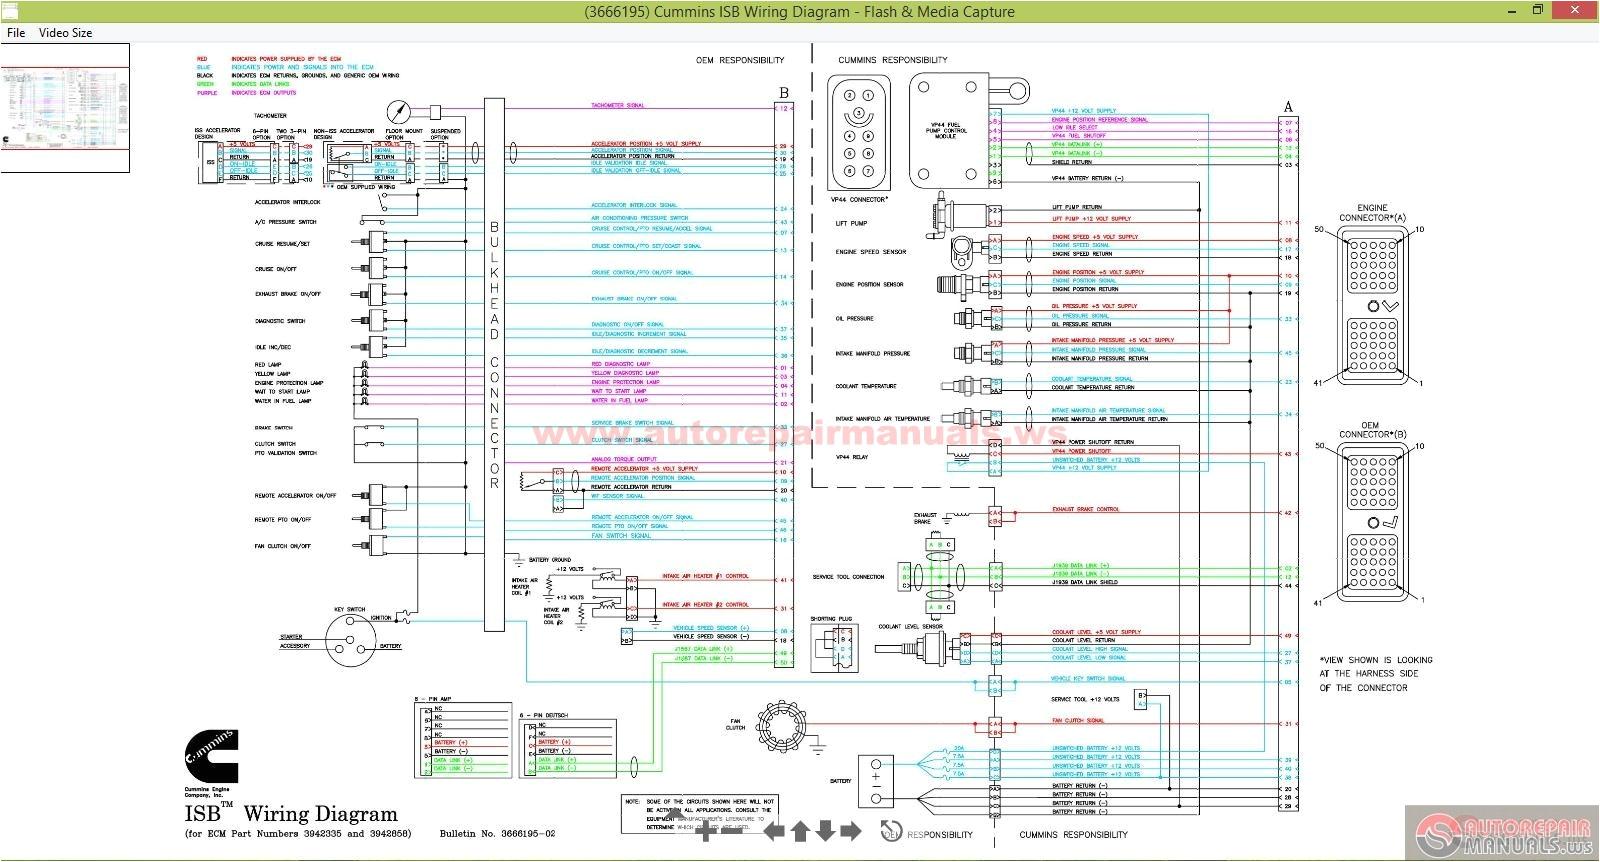 n14 celect plus wiring diagram isb wiring diagram wiring diagram imgisb wiring diagram wiring diagram blog isb cm2150 wiring diagram isb